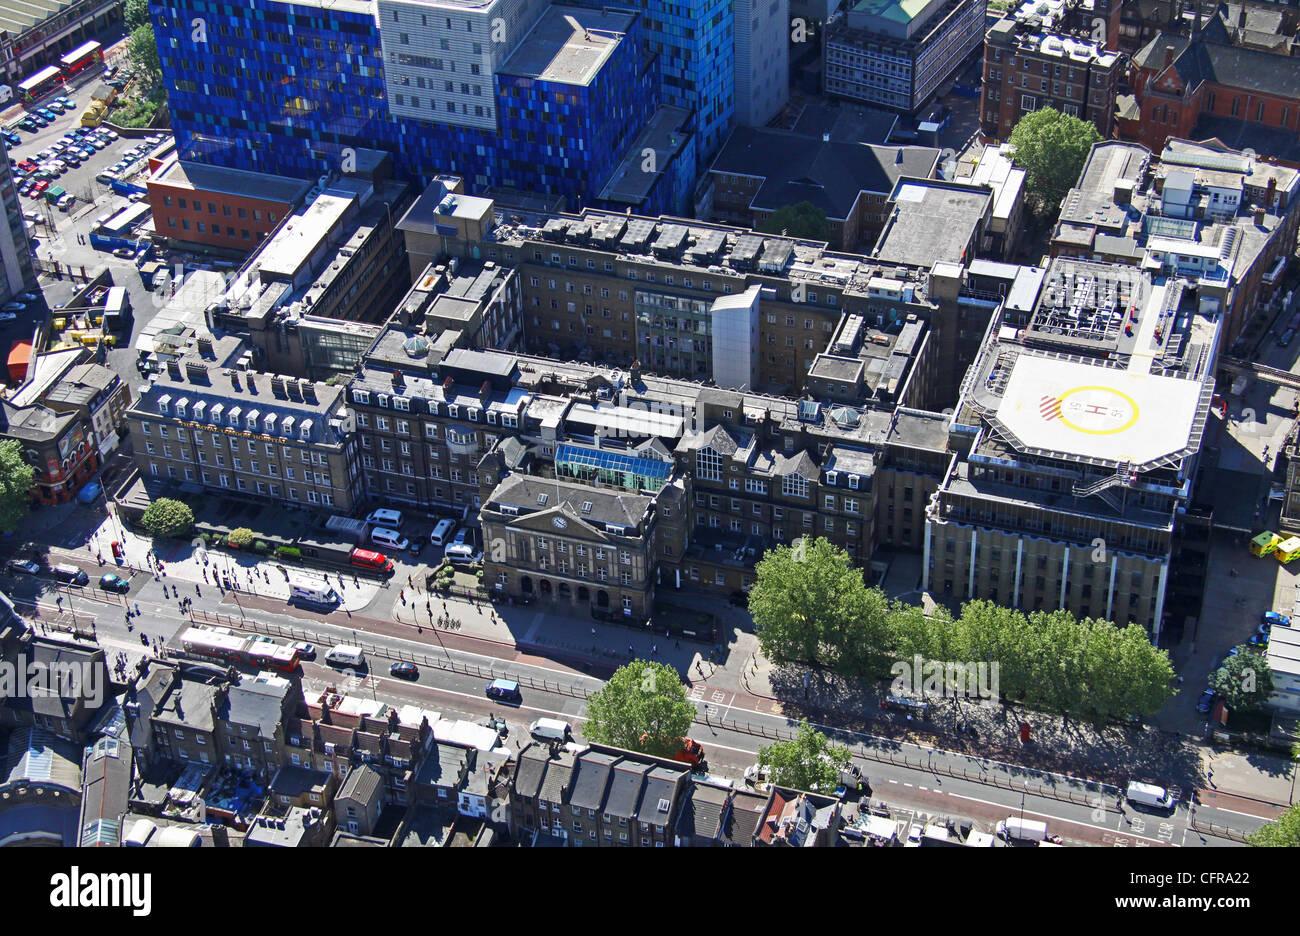 Vista aérea de la Royal Hospital de Londres Imagen De Stock